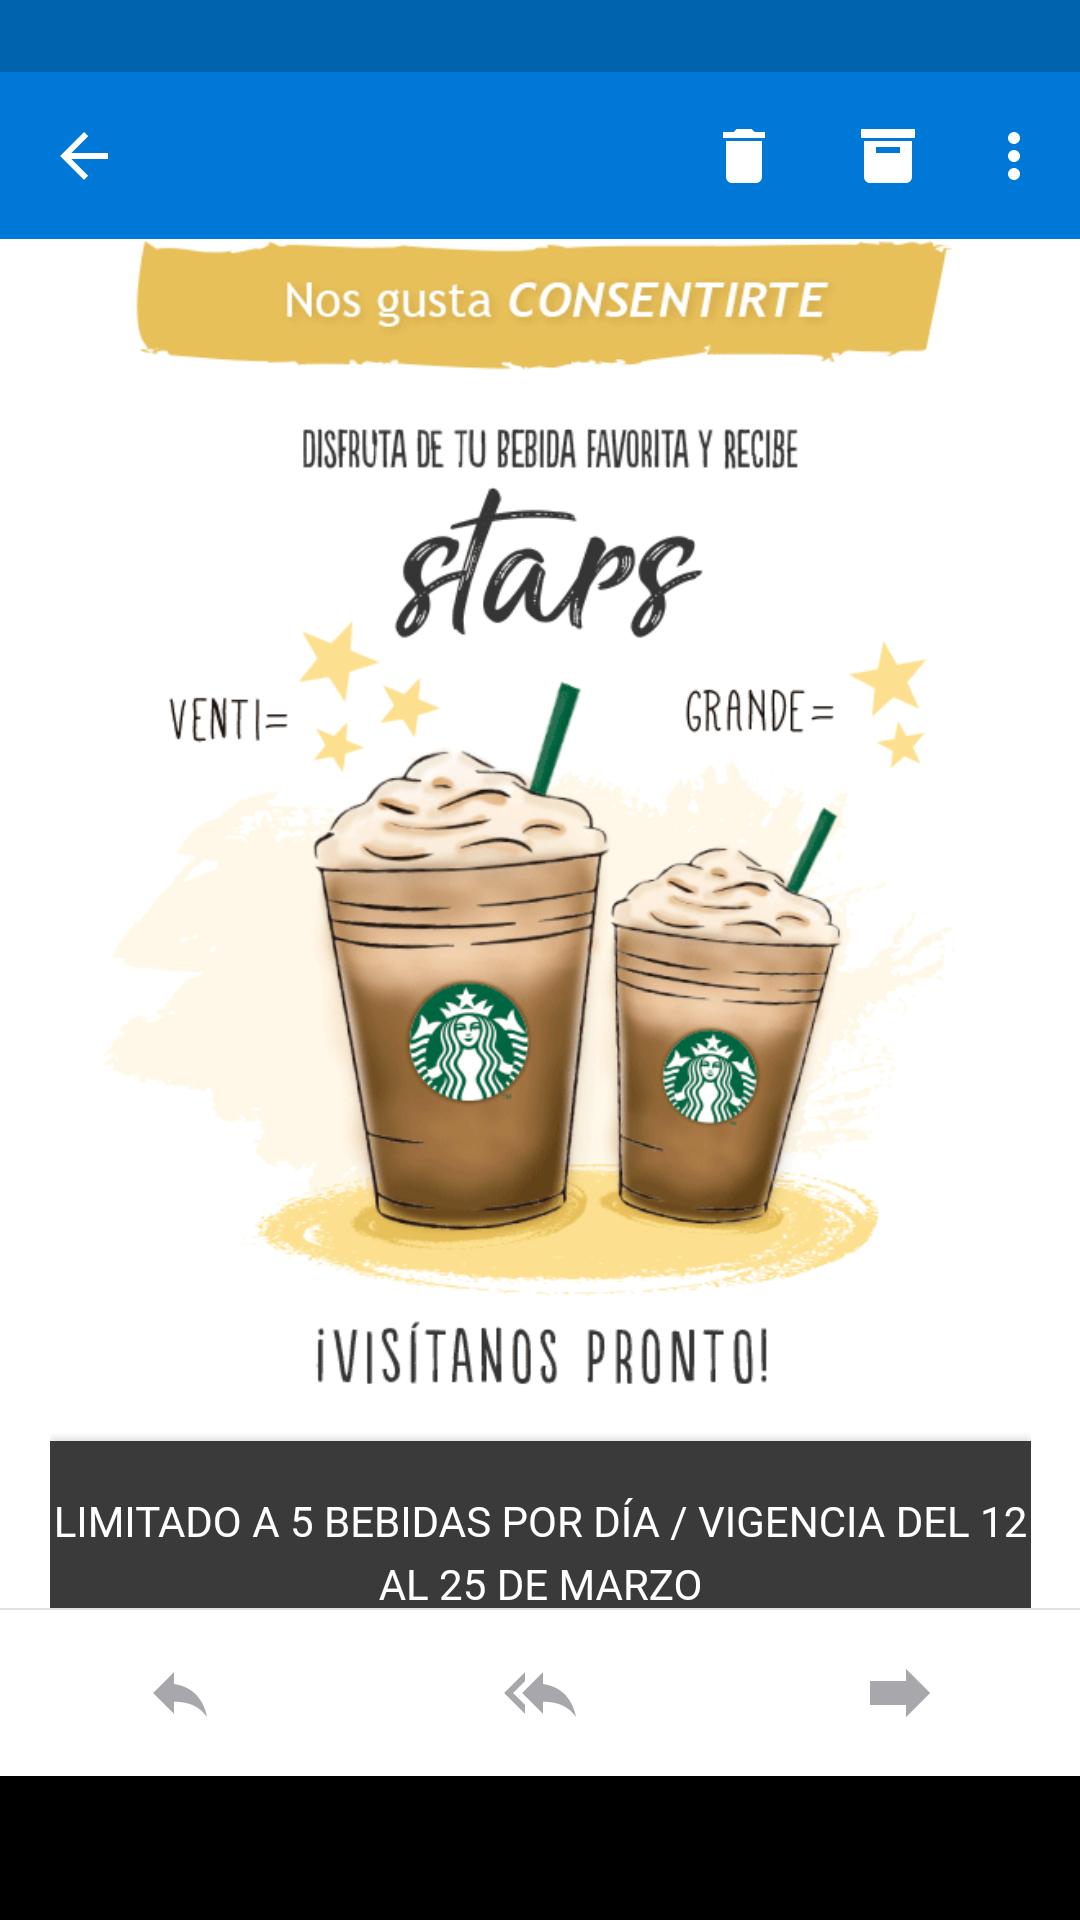 Starbucks: 3 Stars adicionales por cada bebida venti y 2 adicionales por grande